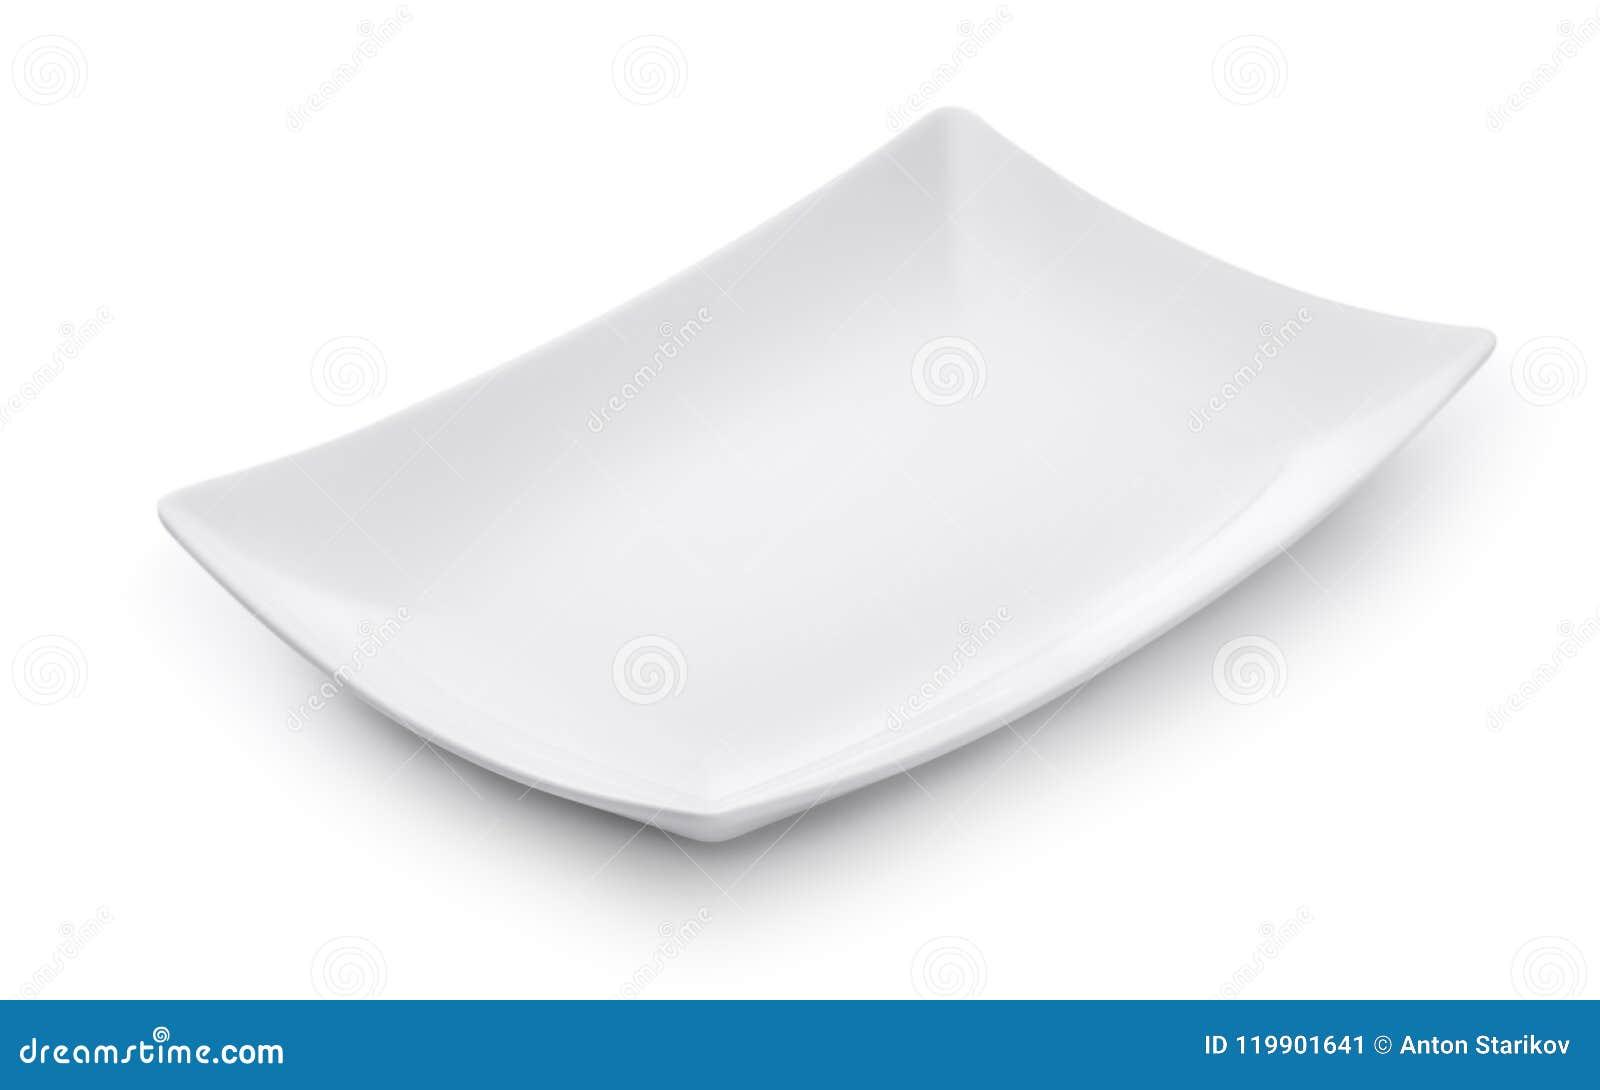 Plat rectangulaire vide blanc